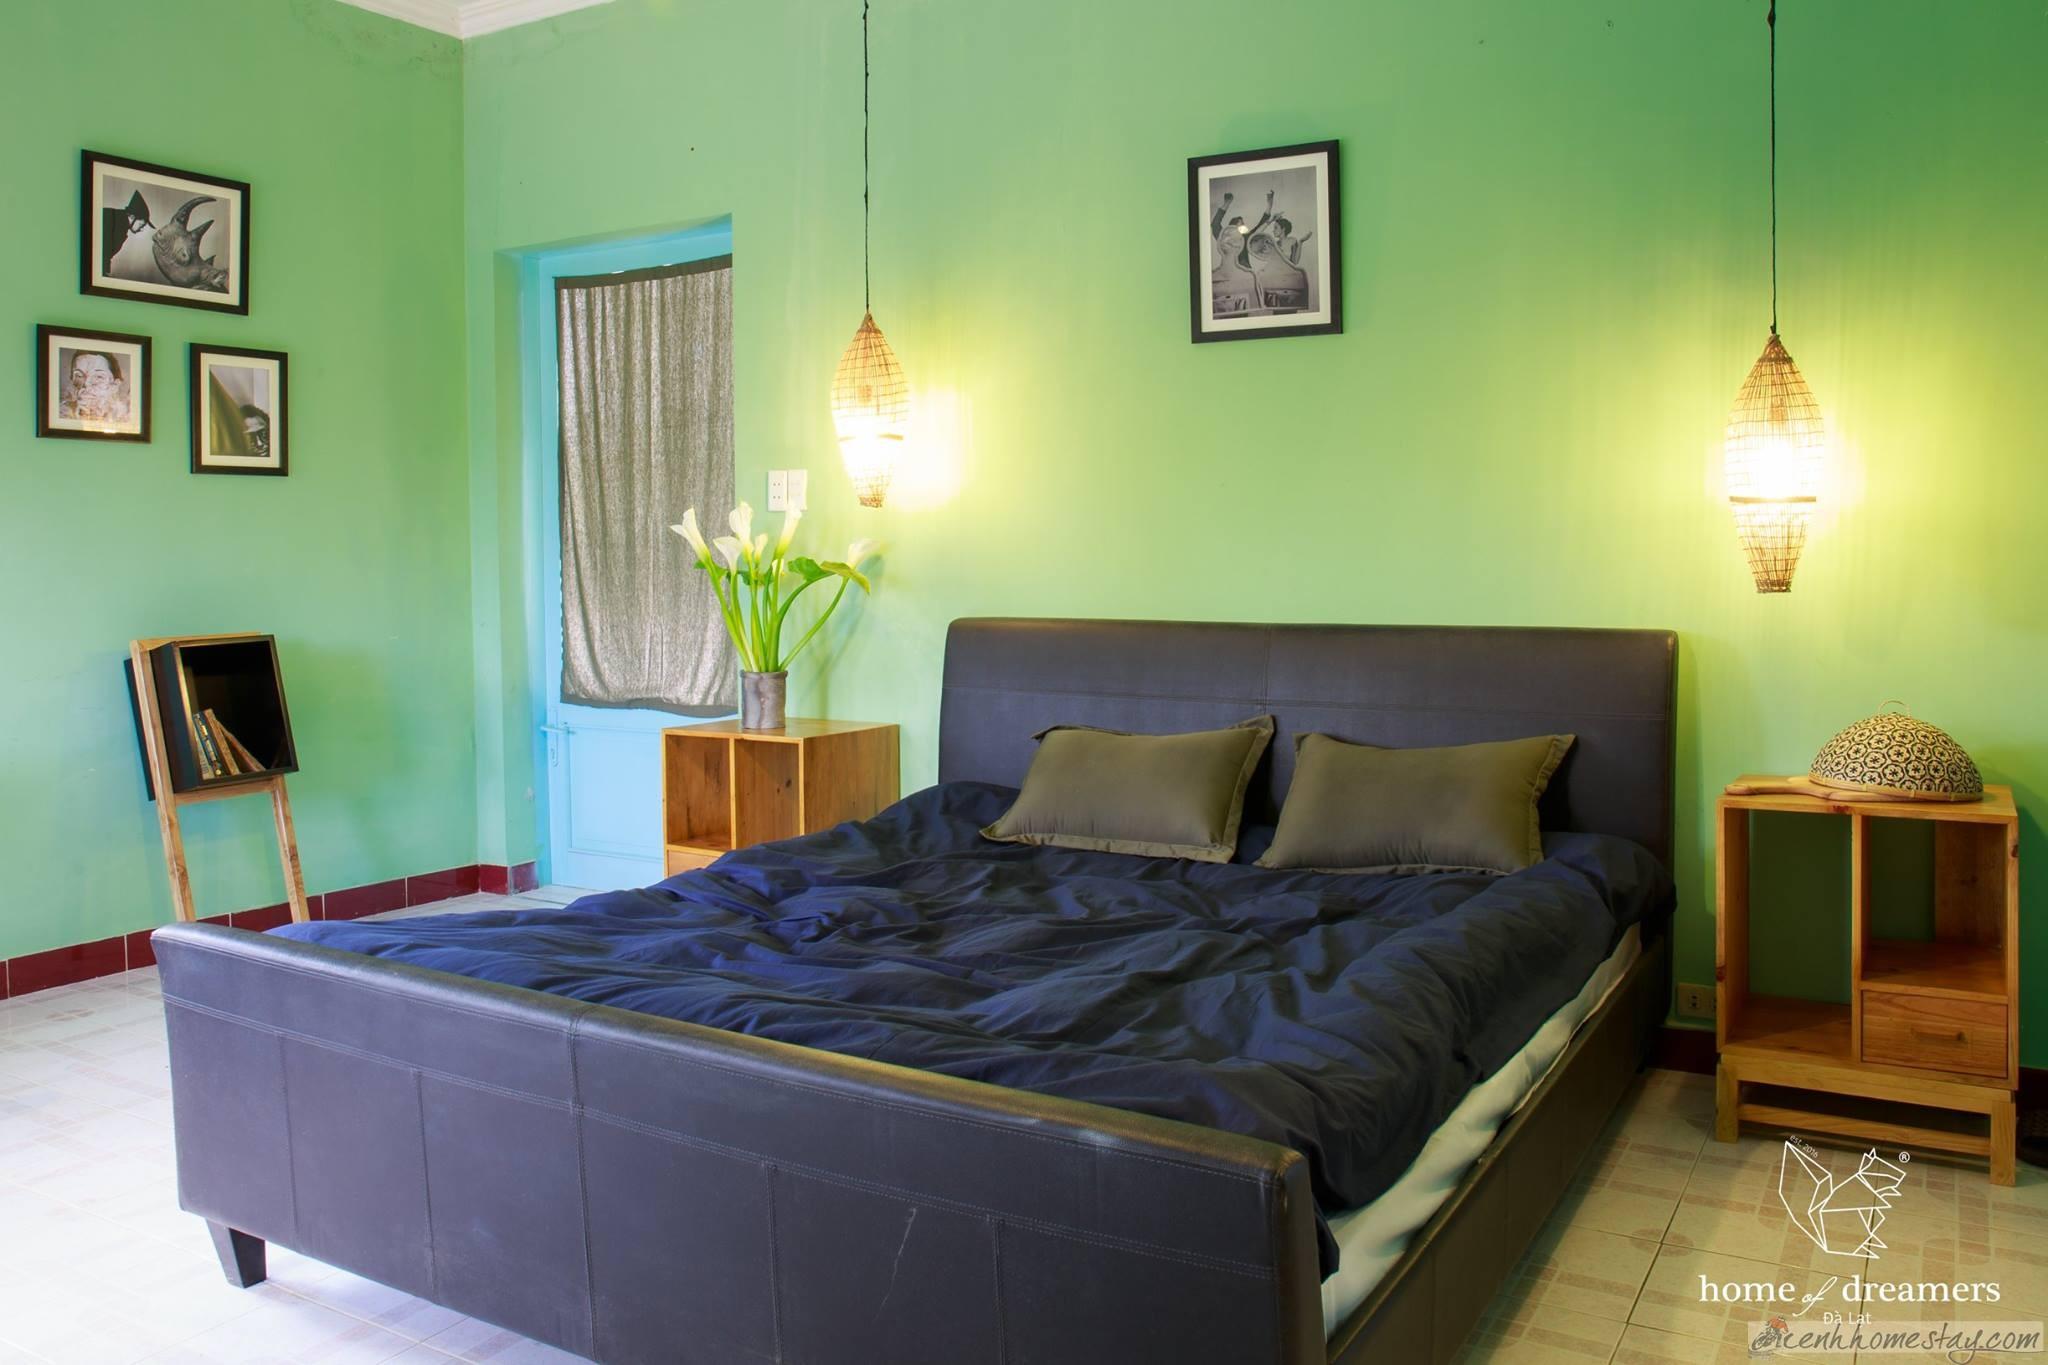 Homestay Home of Dreamers Đà Lạt, Lâm Đồng